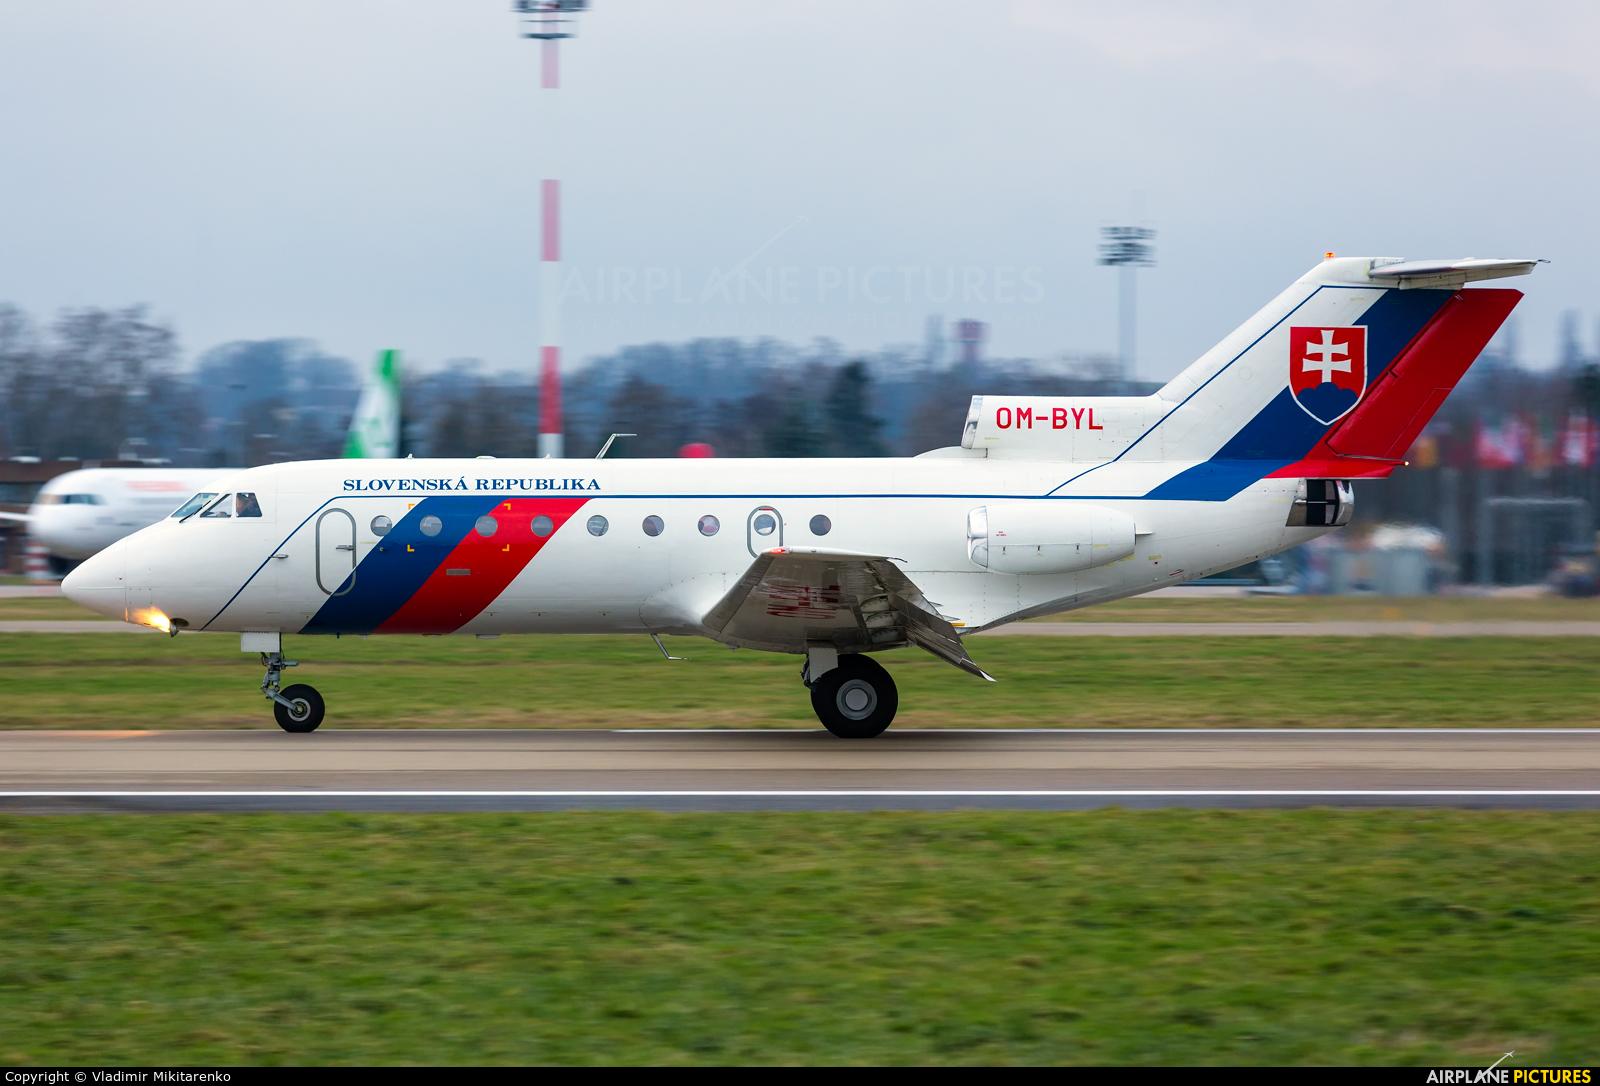 Slovakia - Government OM-BYL aircraft at Strasbourg-Entzheim